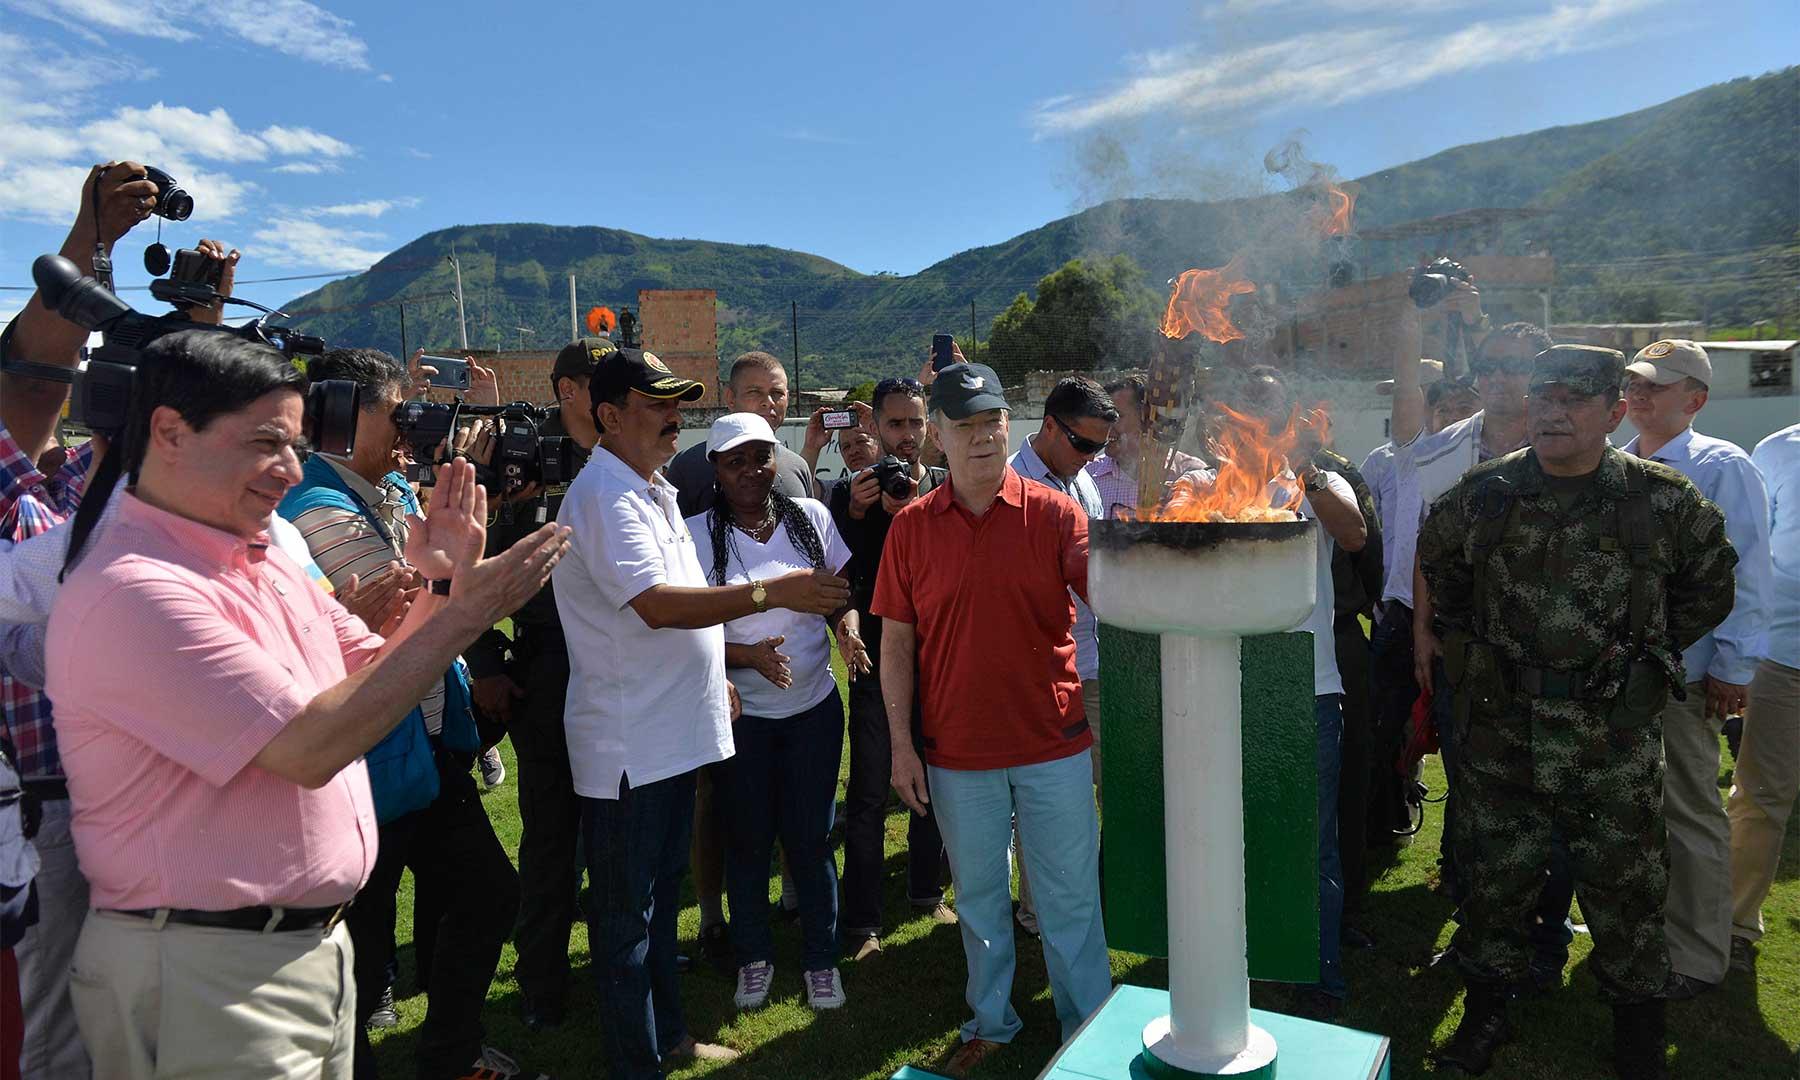 La llama olímpica de la paz se encendió durante la inauguración este sábado por parte del Presidente Juan Manuel Santos del Estadio Municipal de la Paz, en Apulo, Cundinamarca.